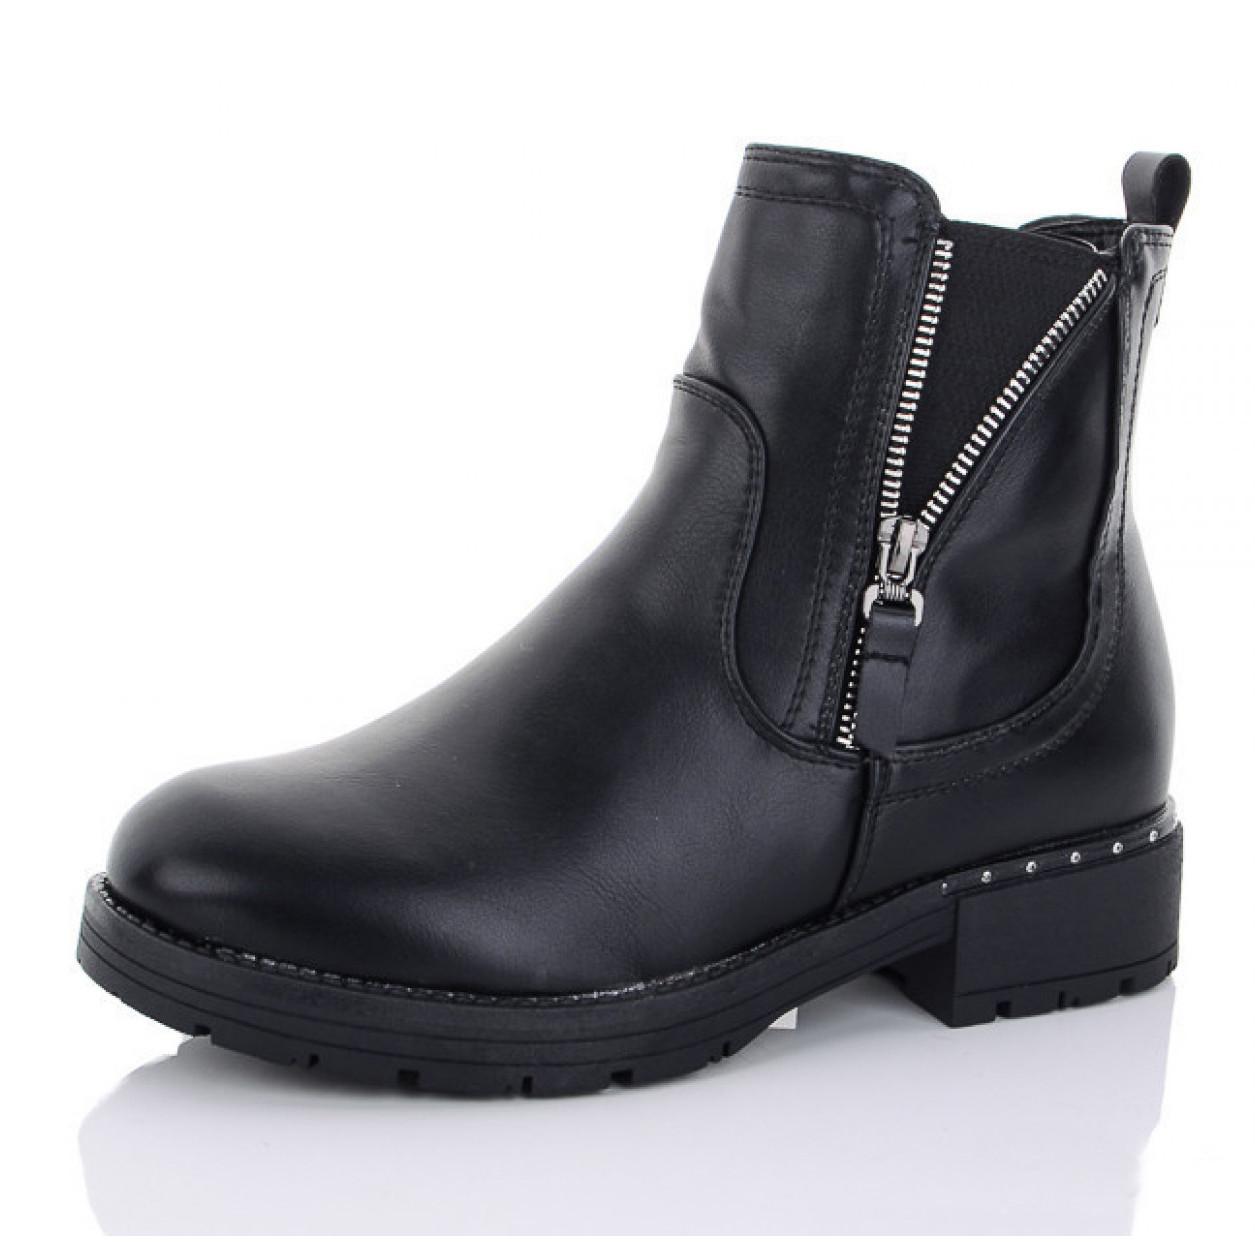 Женские ботинки BR-S зимние черные 41 р. - 26,5 см 1257299075